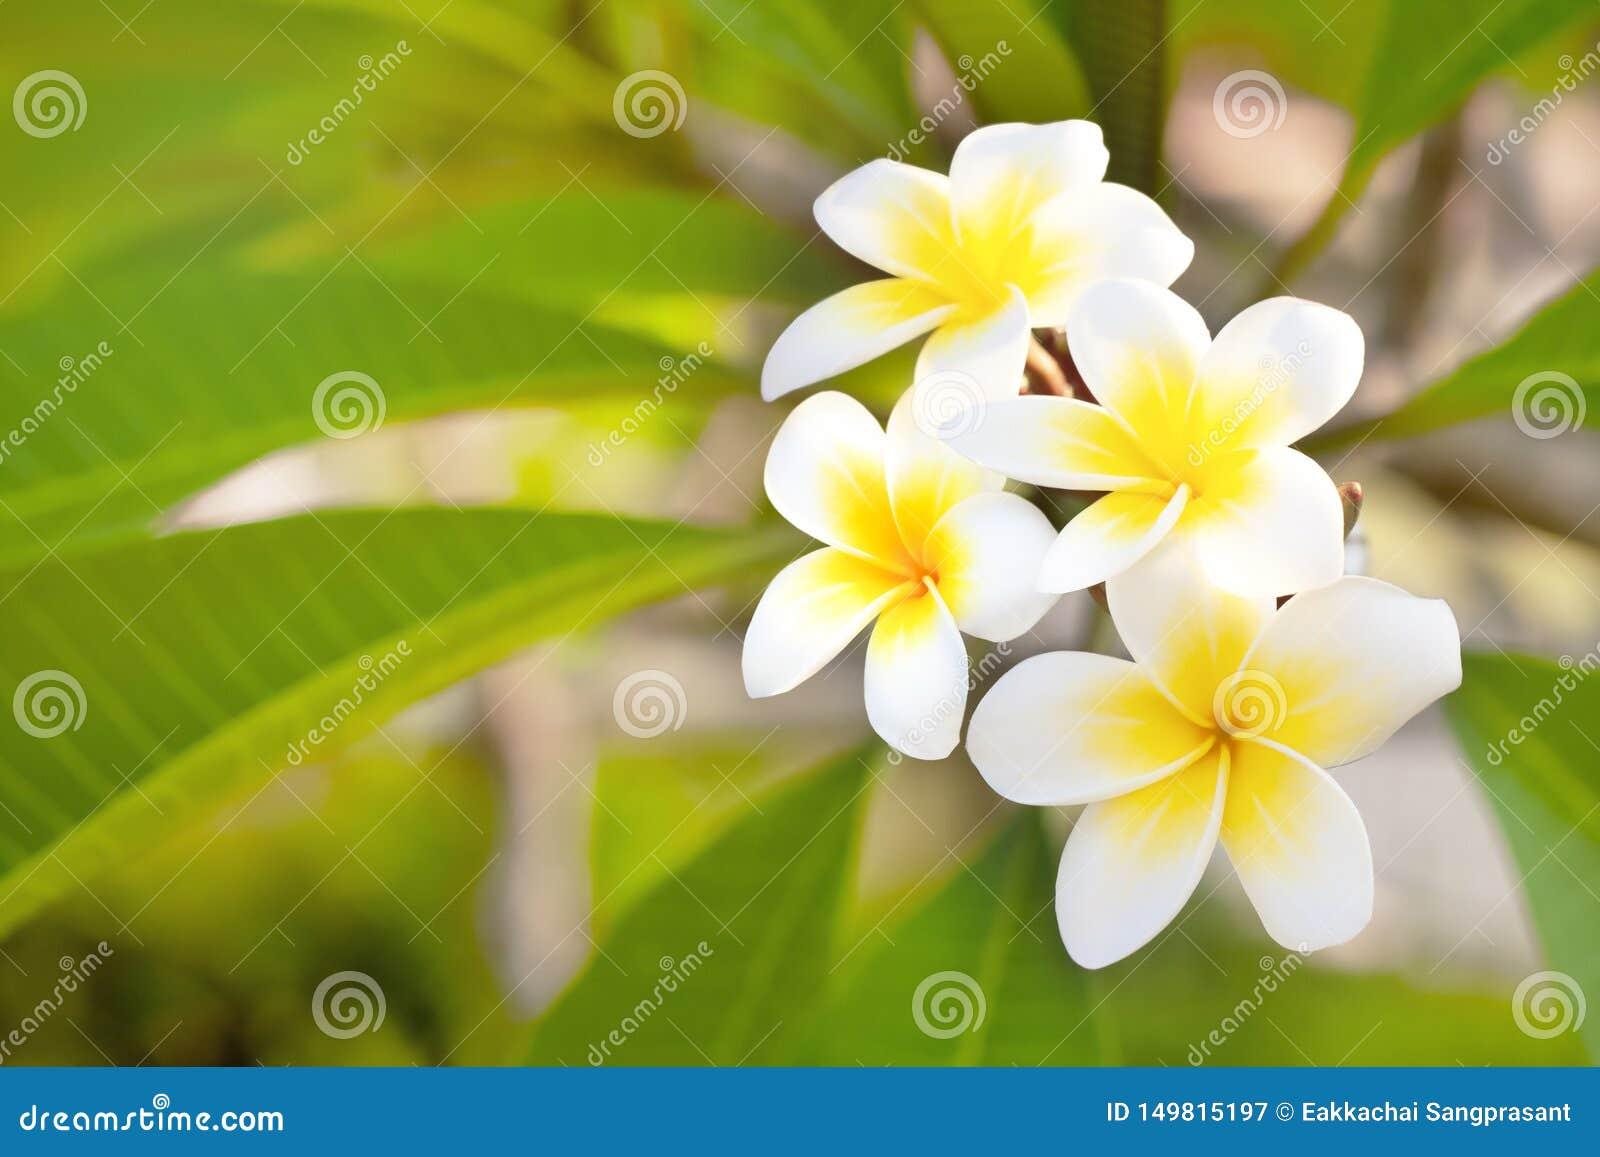 Cory空间,与异乎寻常的热带frangipanni种类羽毛的黄色中心的美妙的芬芳纯净的白色有气味的绽放